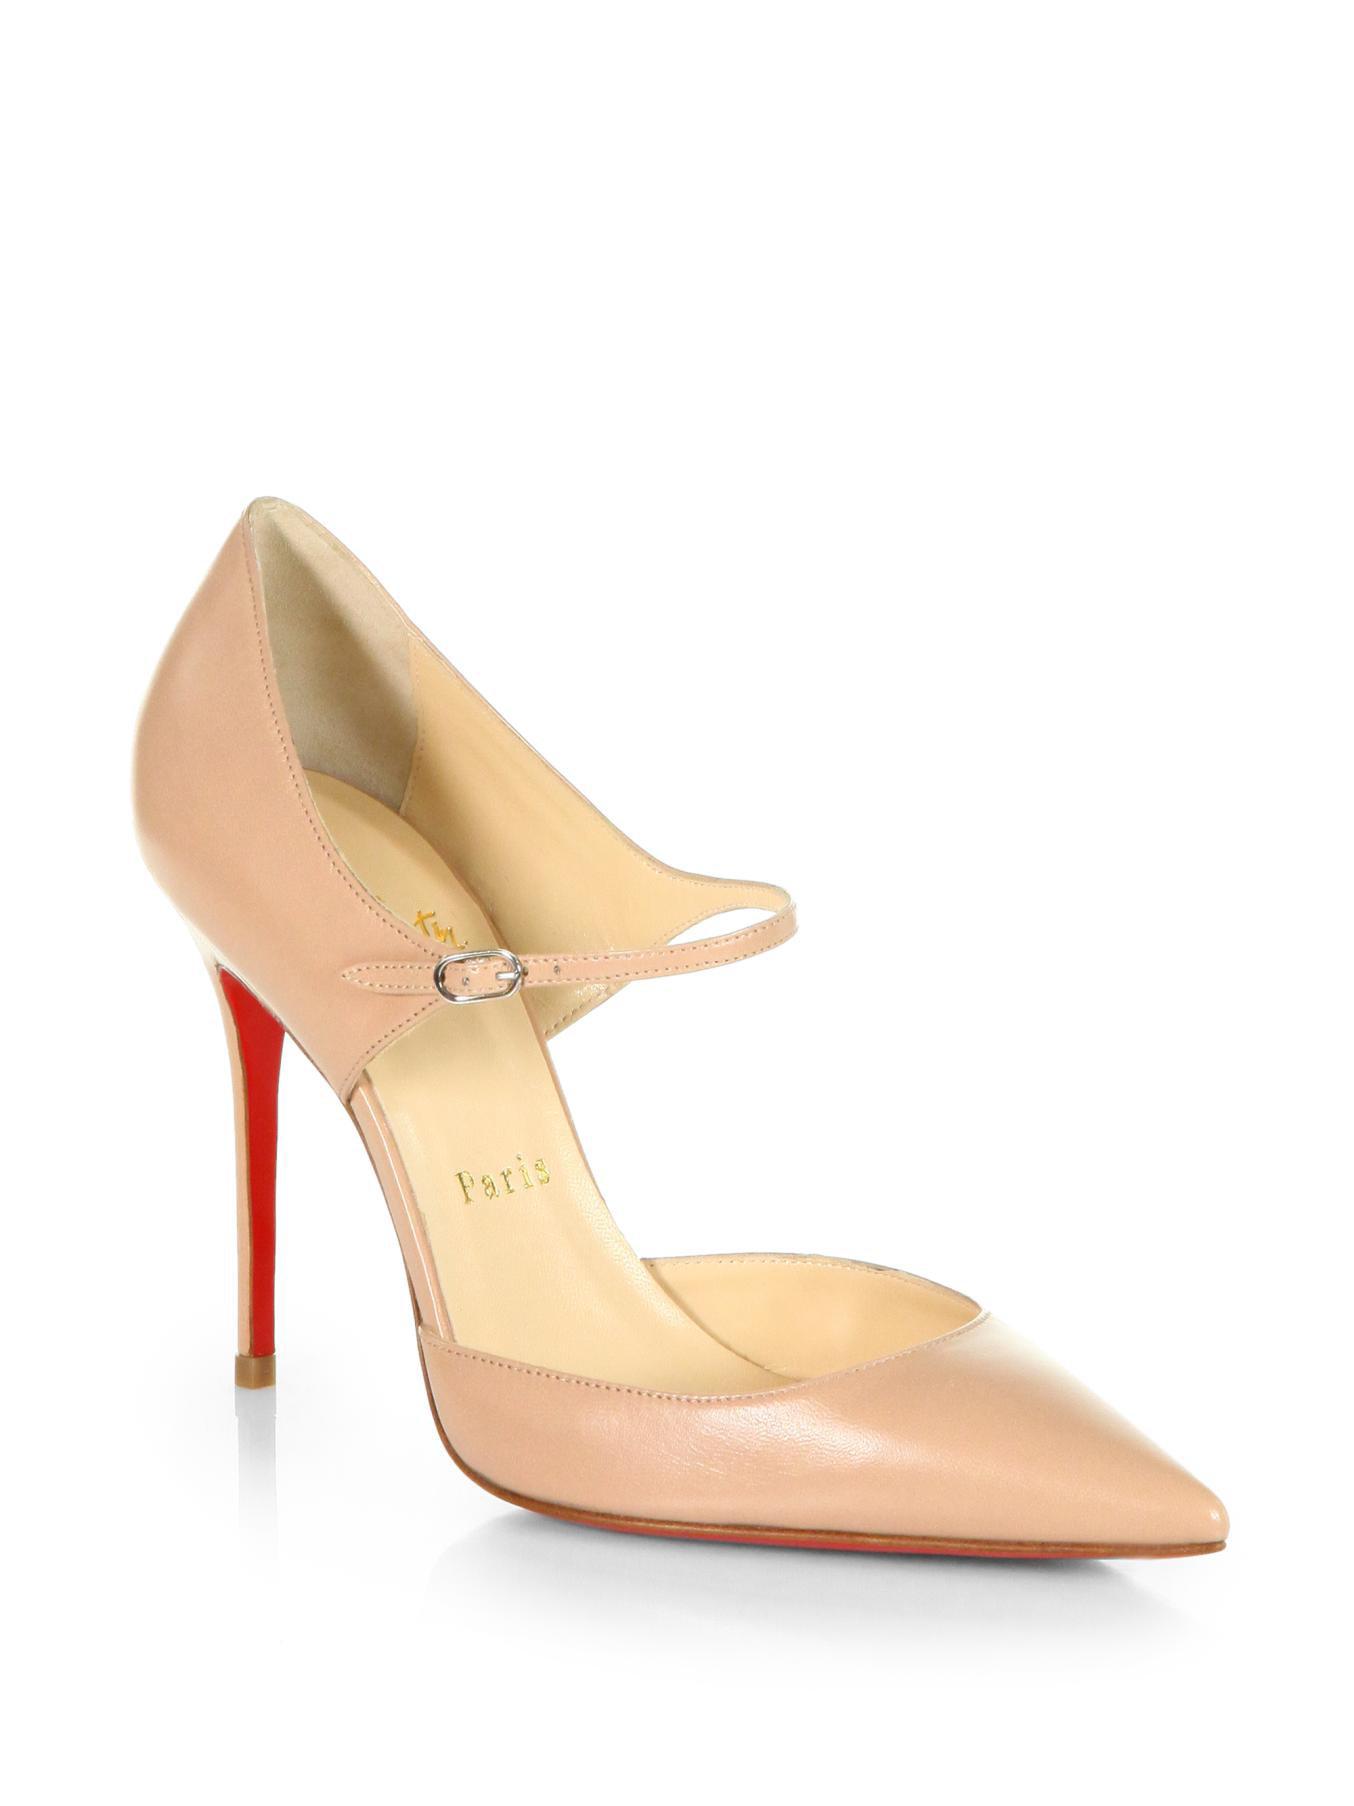 pretty nice bba04 0b892 Shoeniverse: CHRISTIAN LOUBOUTIN Tirana Leather Mary Jane Pumps